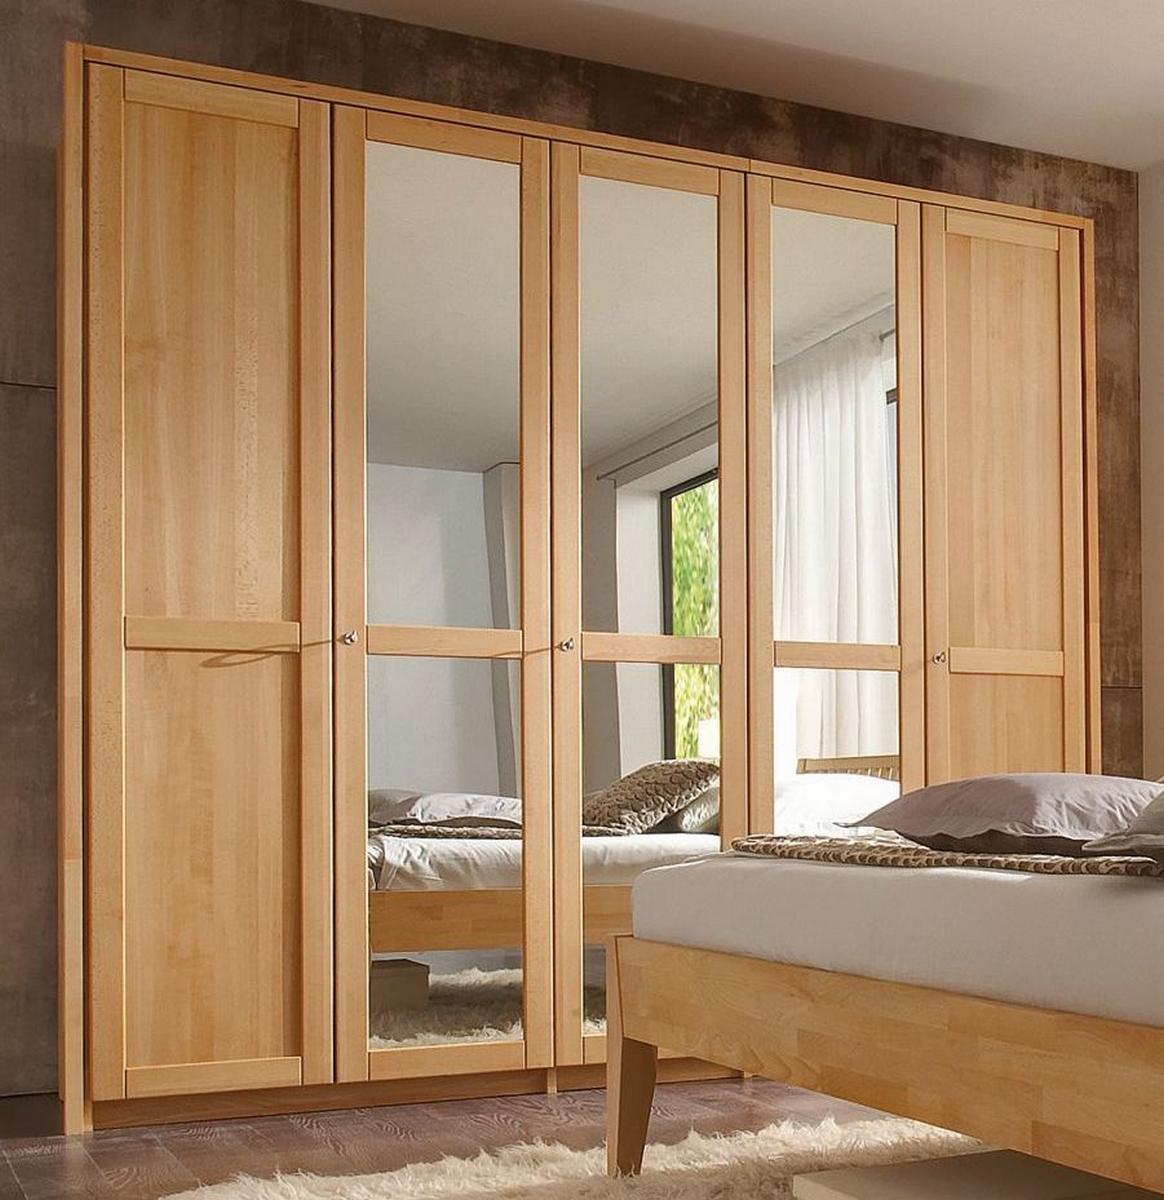 echtholz kleiderschrank mit spiegel buche massiv ge lt front2 5 t rig mit 3 spiegeln. Black Bedroom Furniture Sets. Home Design Ideas